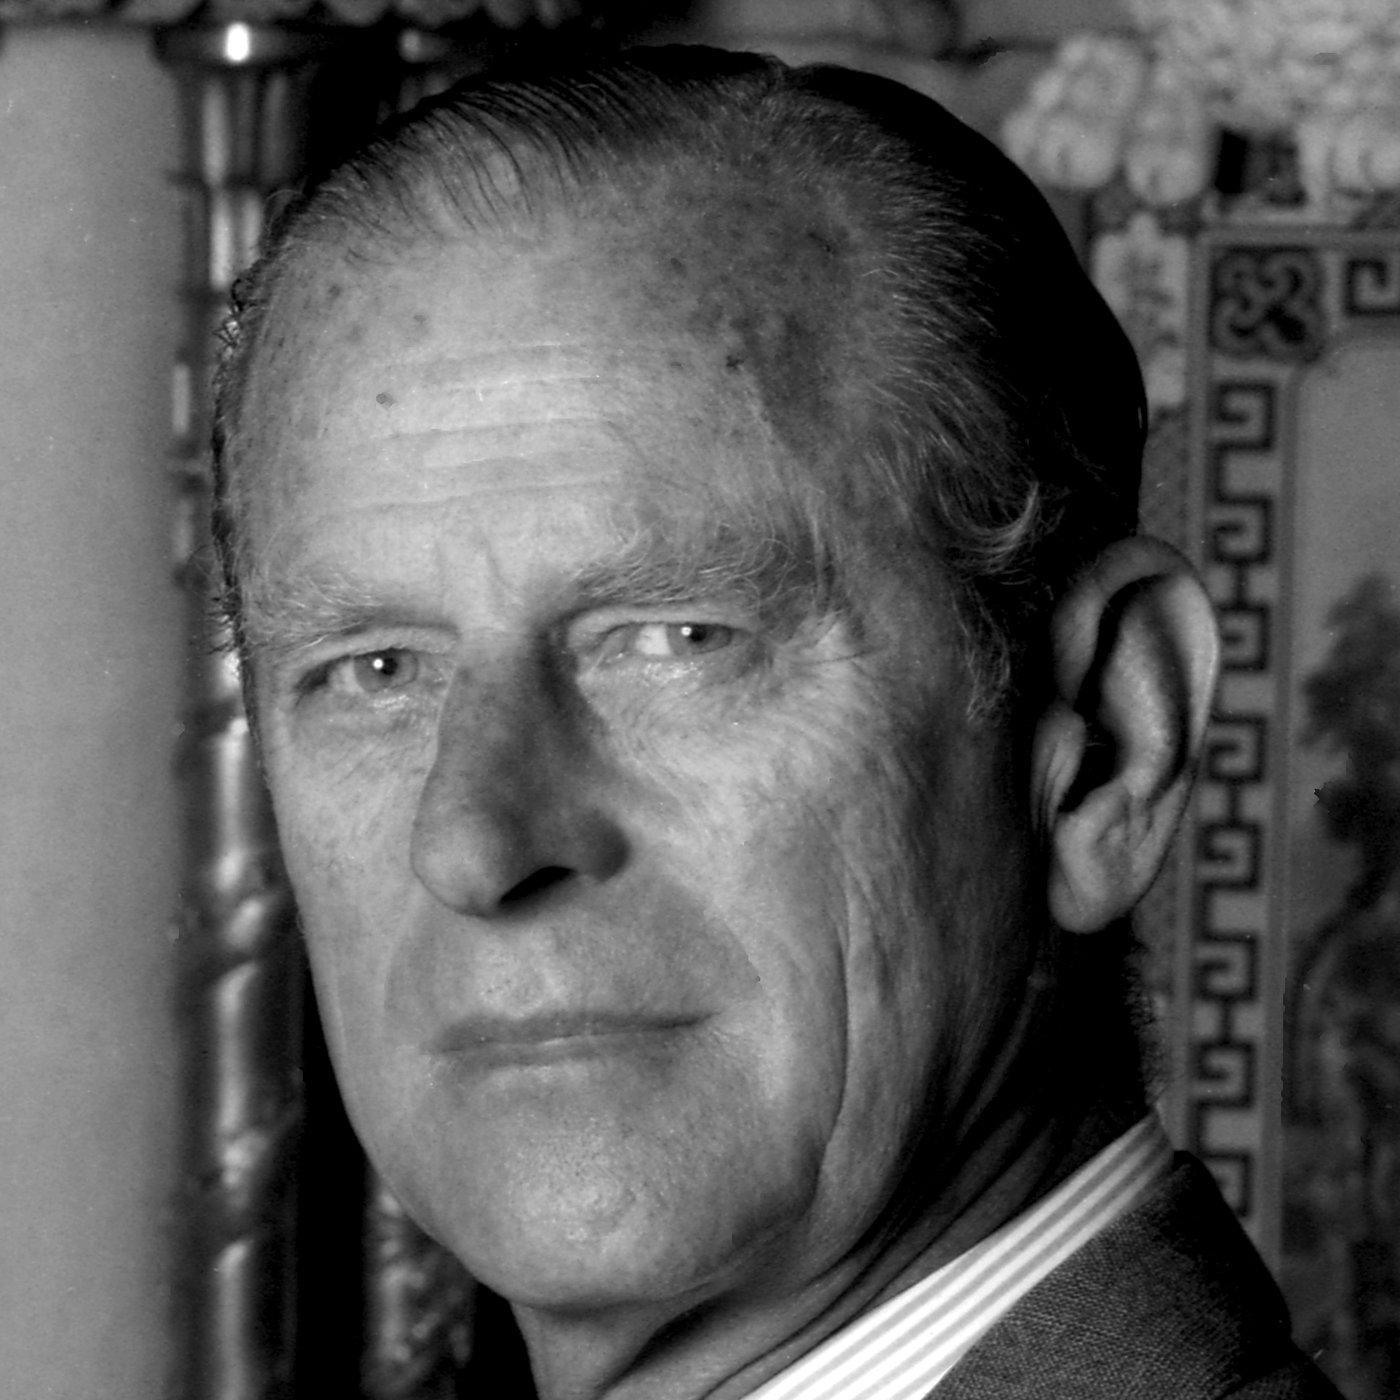 Listen: Britain's Prince Philip Dies at Age 99